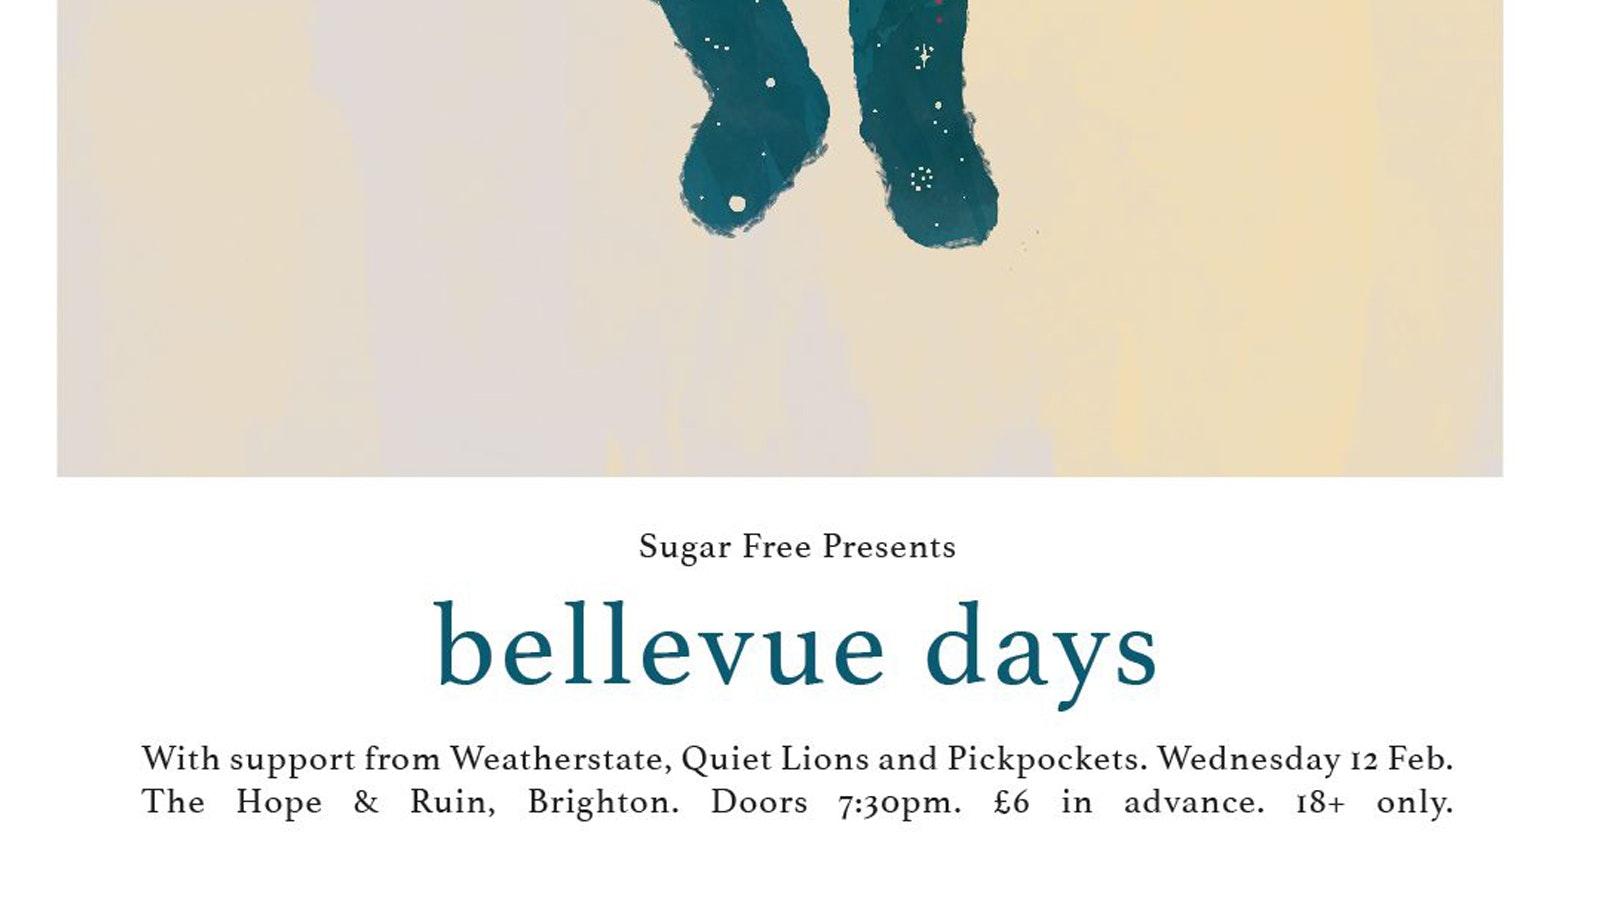 Bellevue Days + Weatherstate + Quiet Lions + Pickpockets